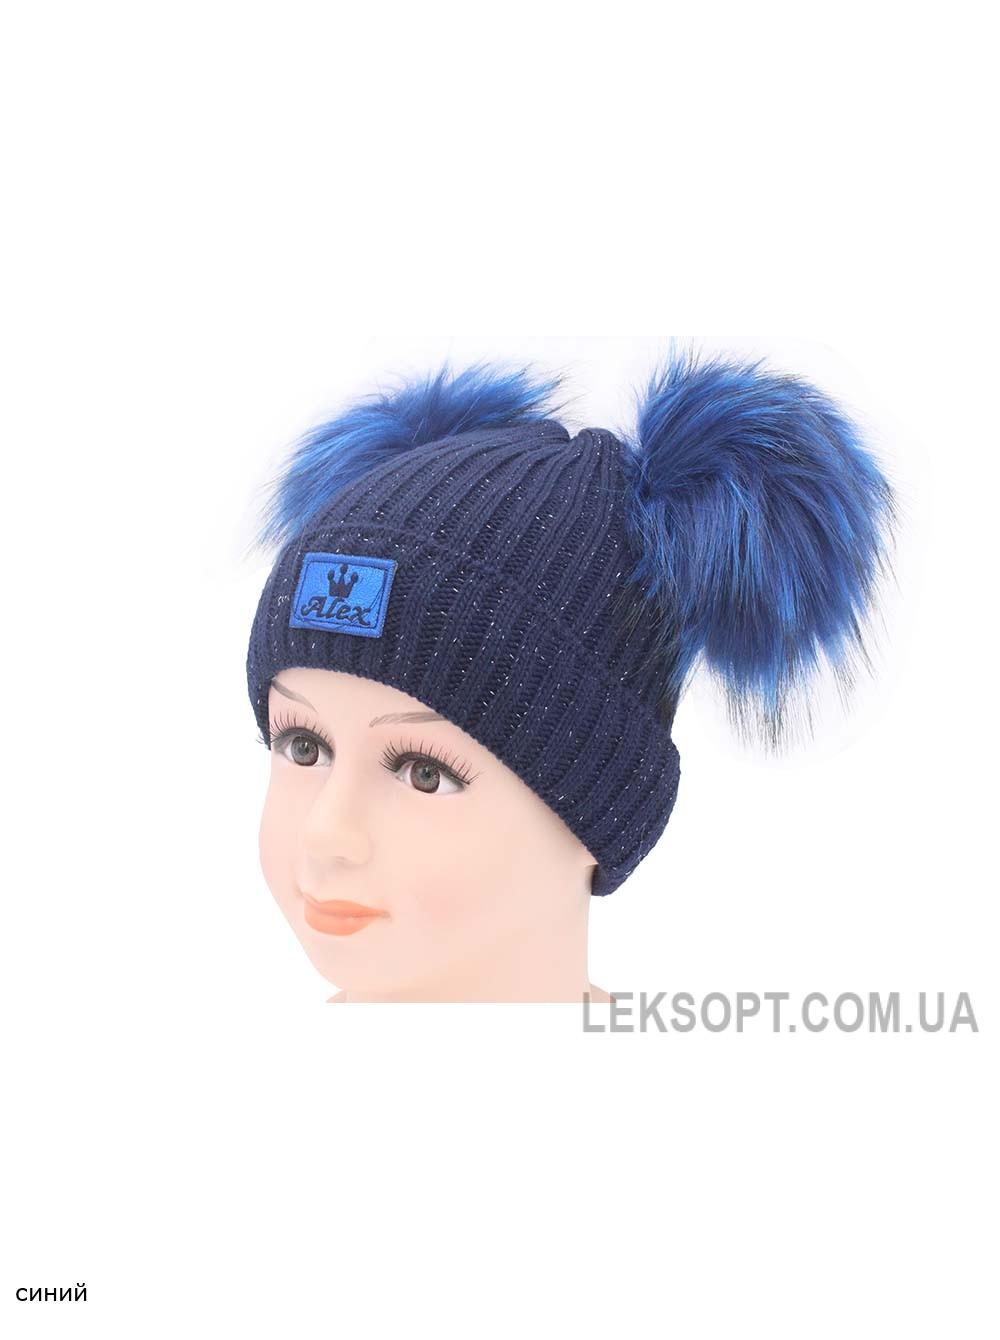 детская вязаная шапка D46829 44 48 купить шапки в интернет